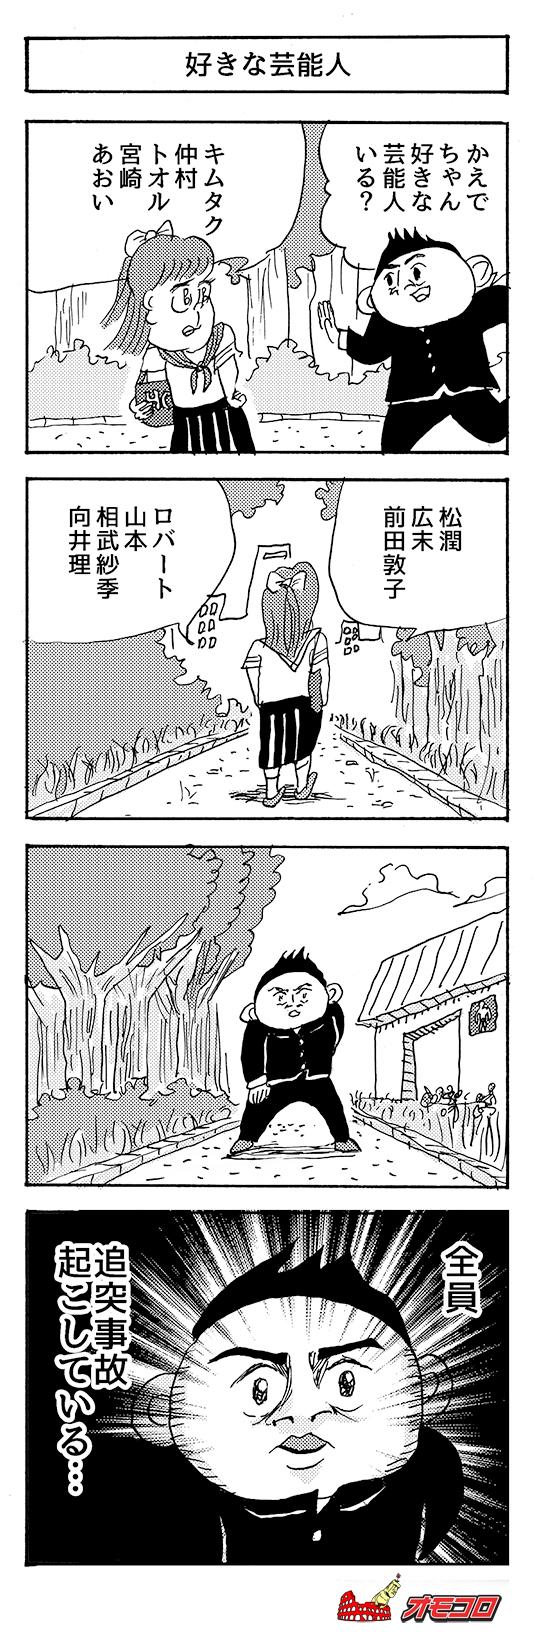 【4コマ漫画】好きな芸能人